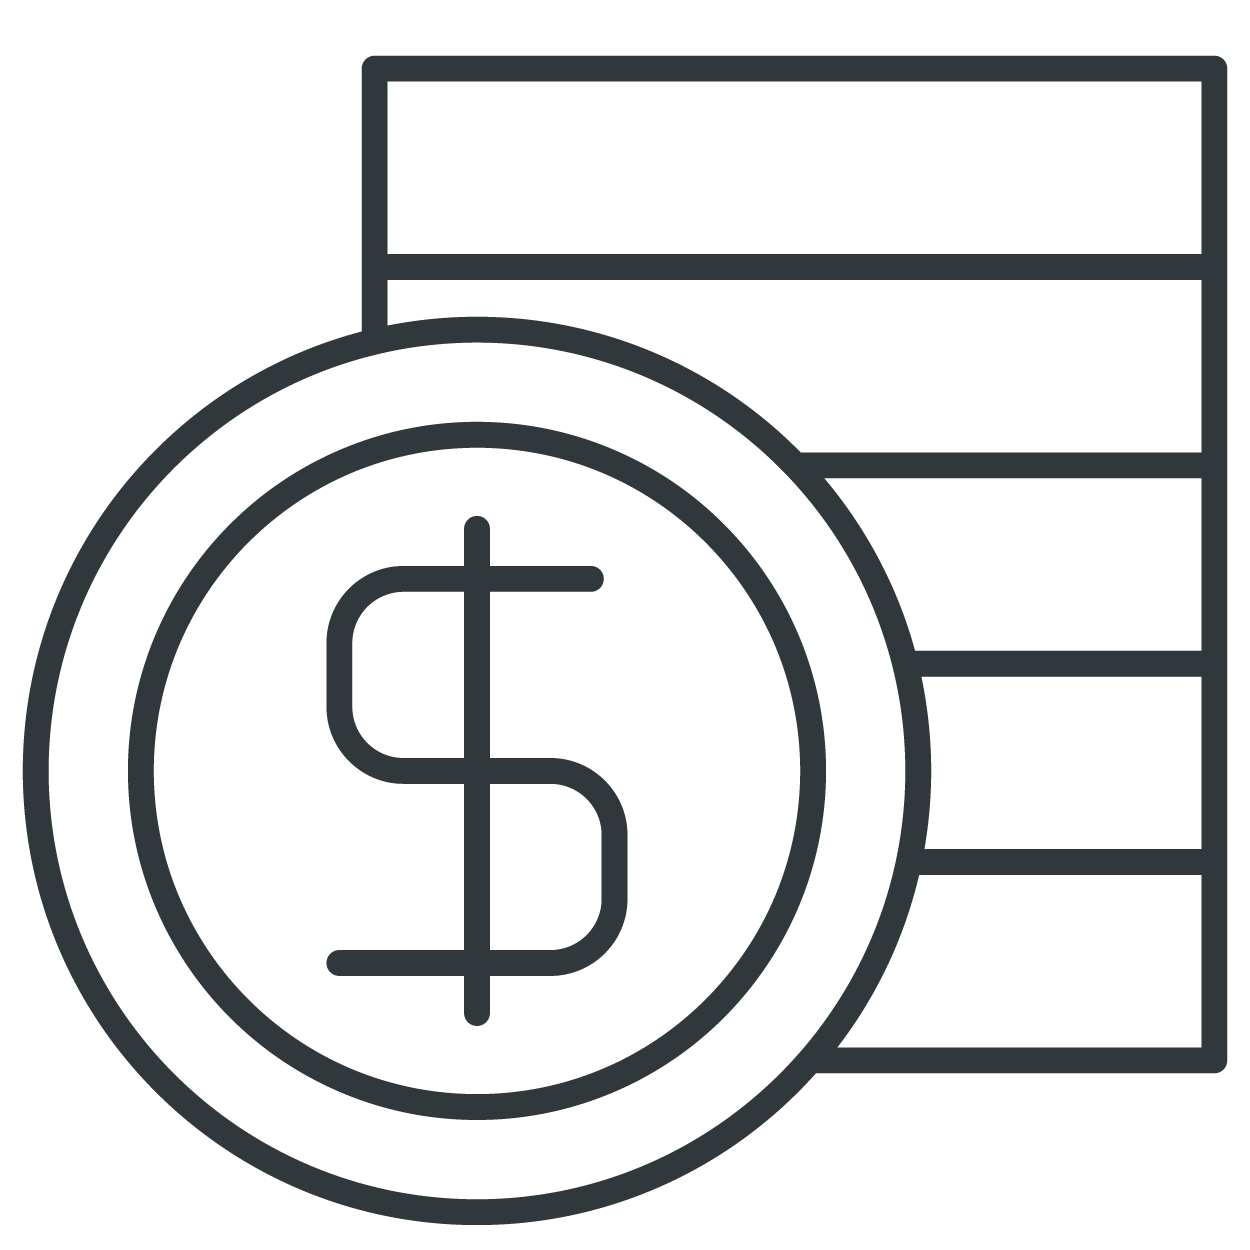 Flexible Spending Account-01.png